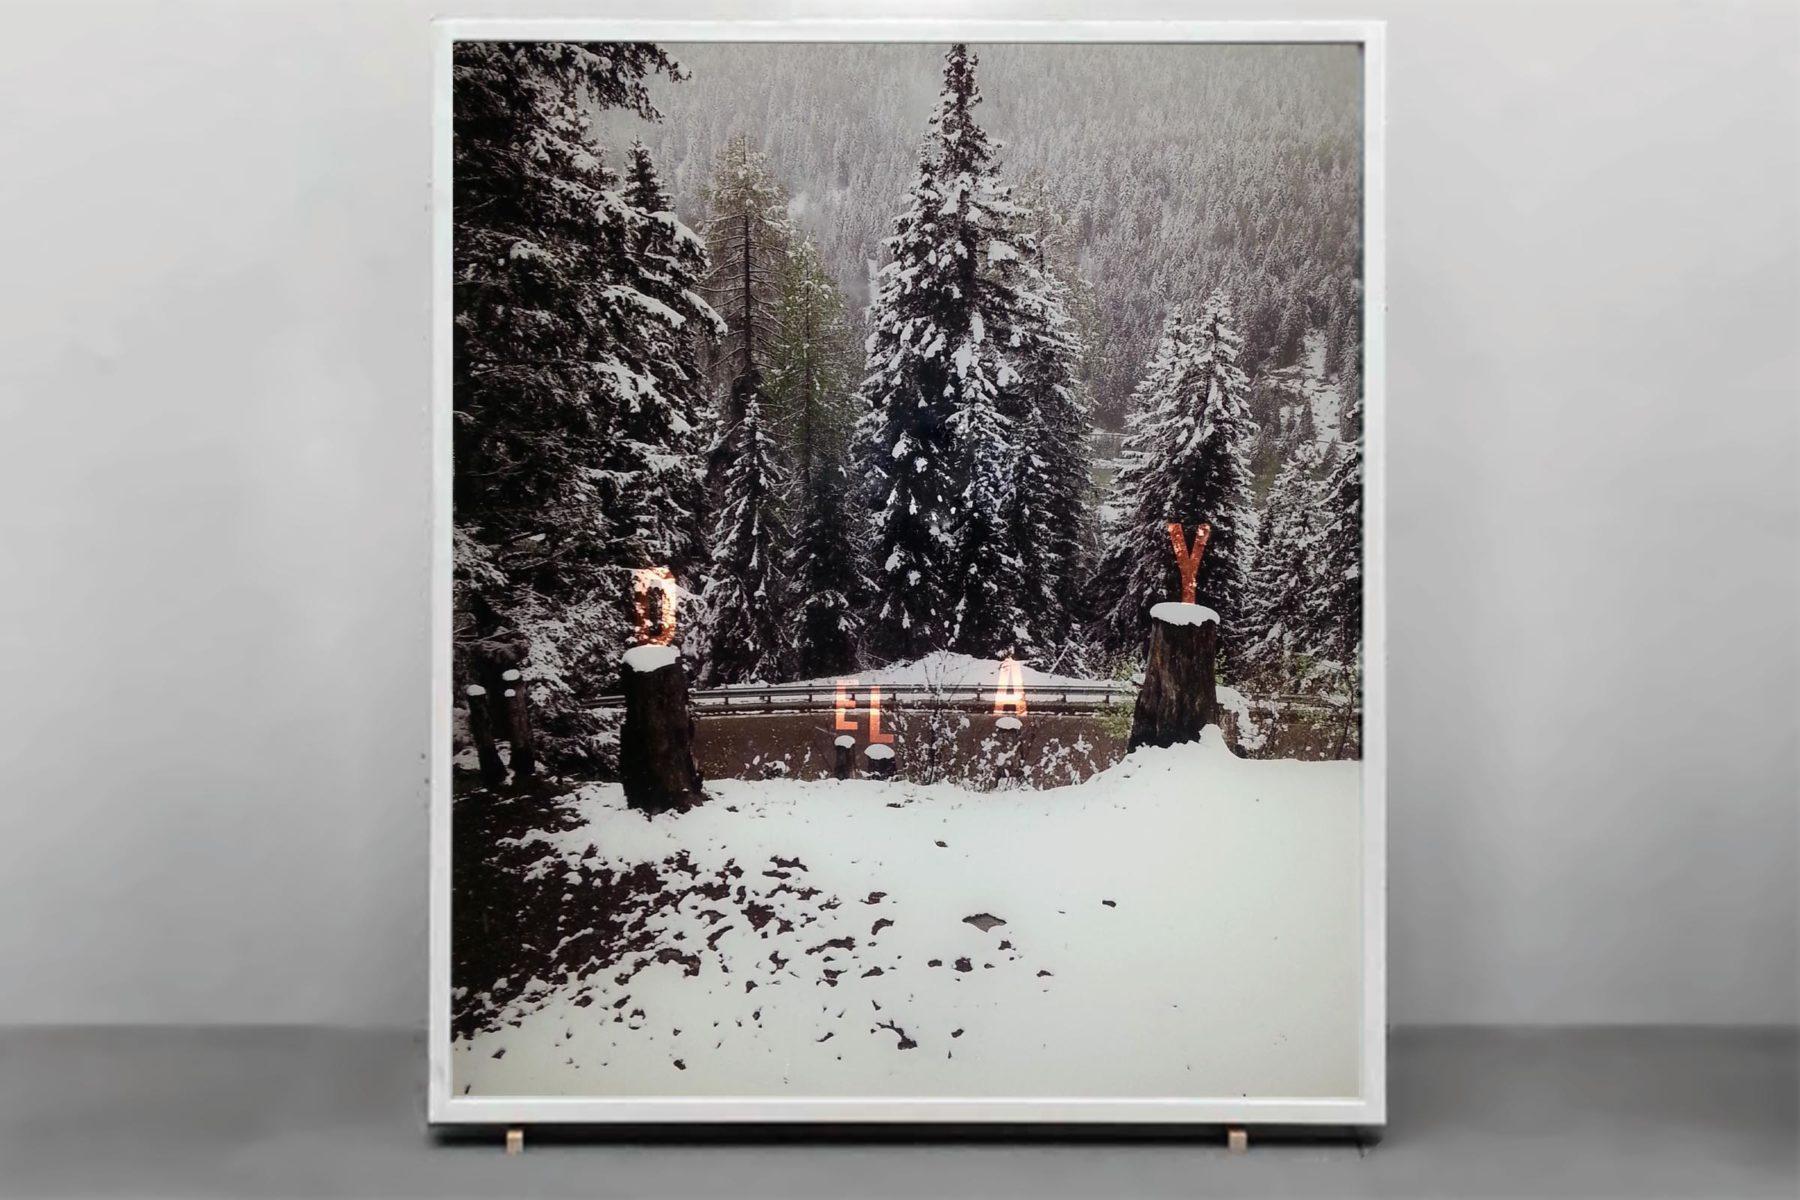 F. Lanaro, Delay, 2013, lightbox, 70 x 60 cm